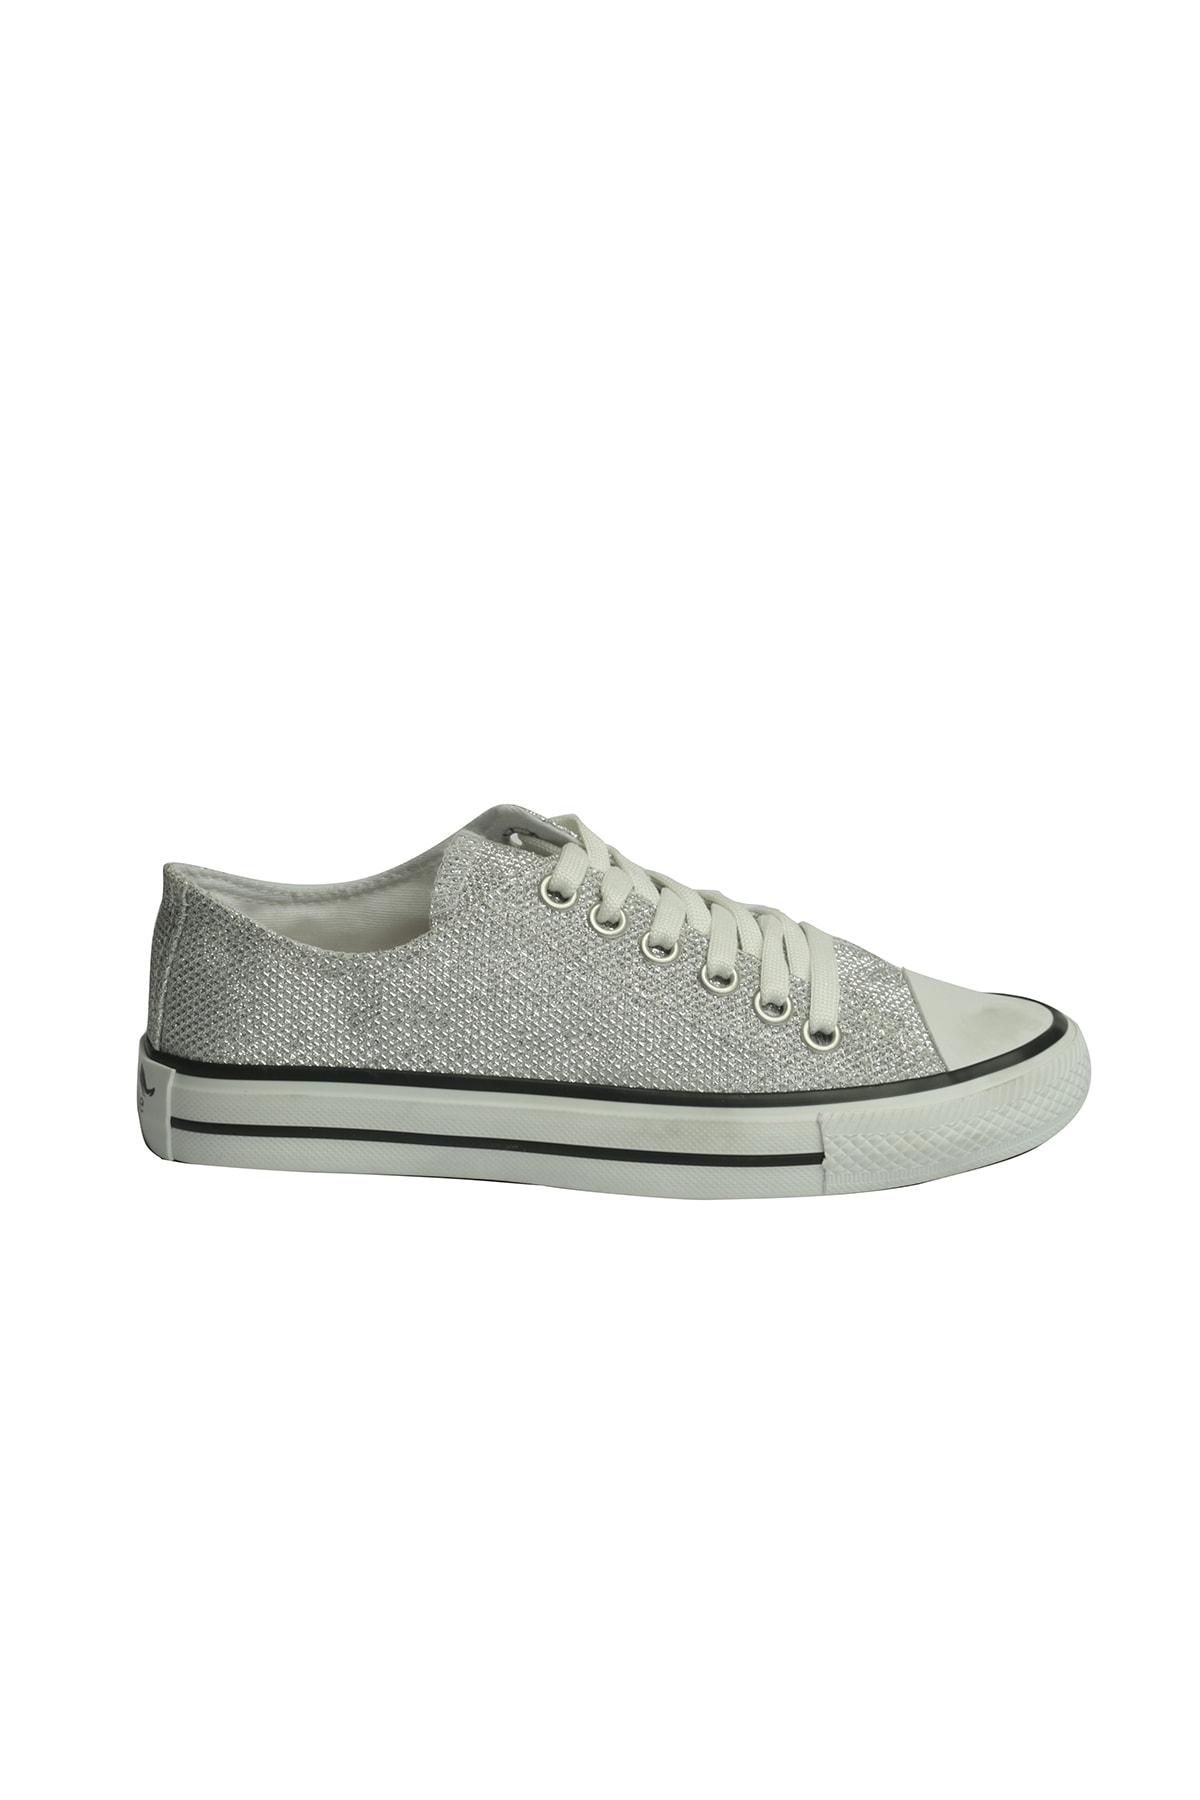 ESPARDİLE Gümüş Kadın Spor Ayakkabı 2